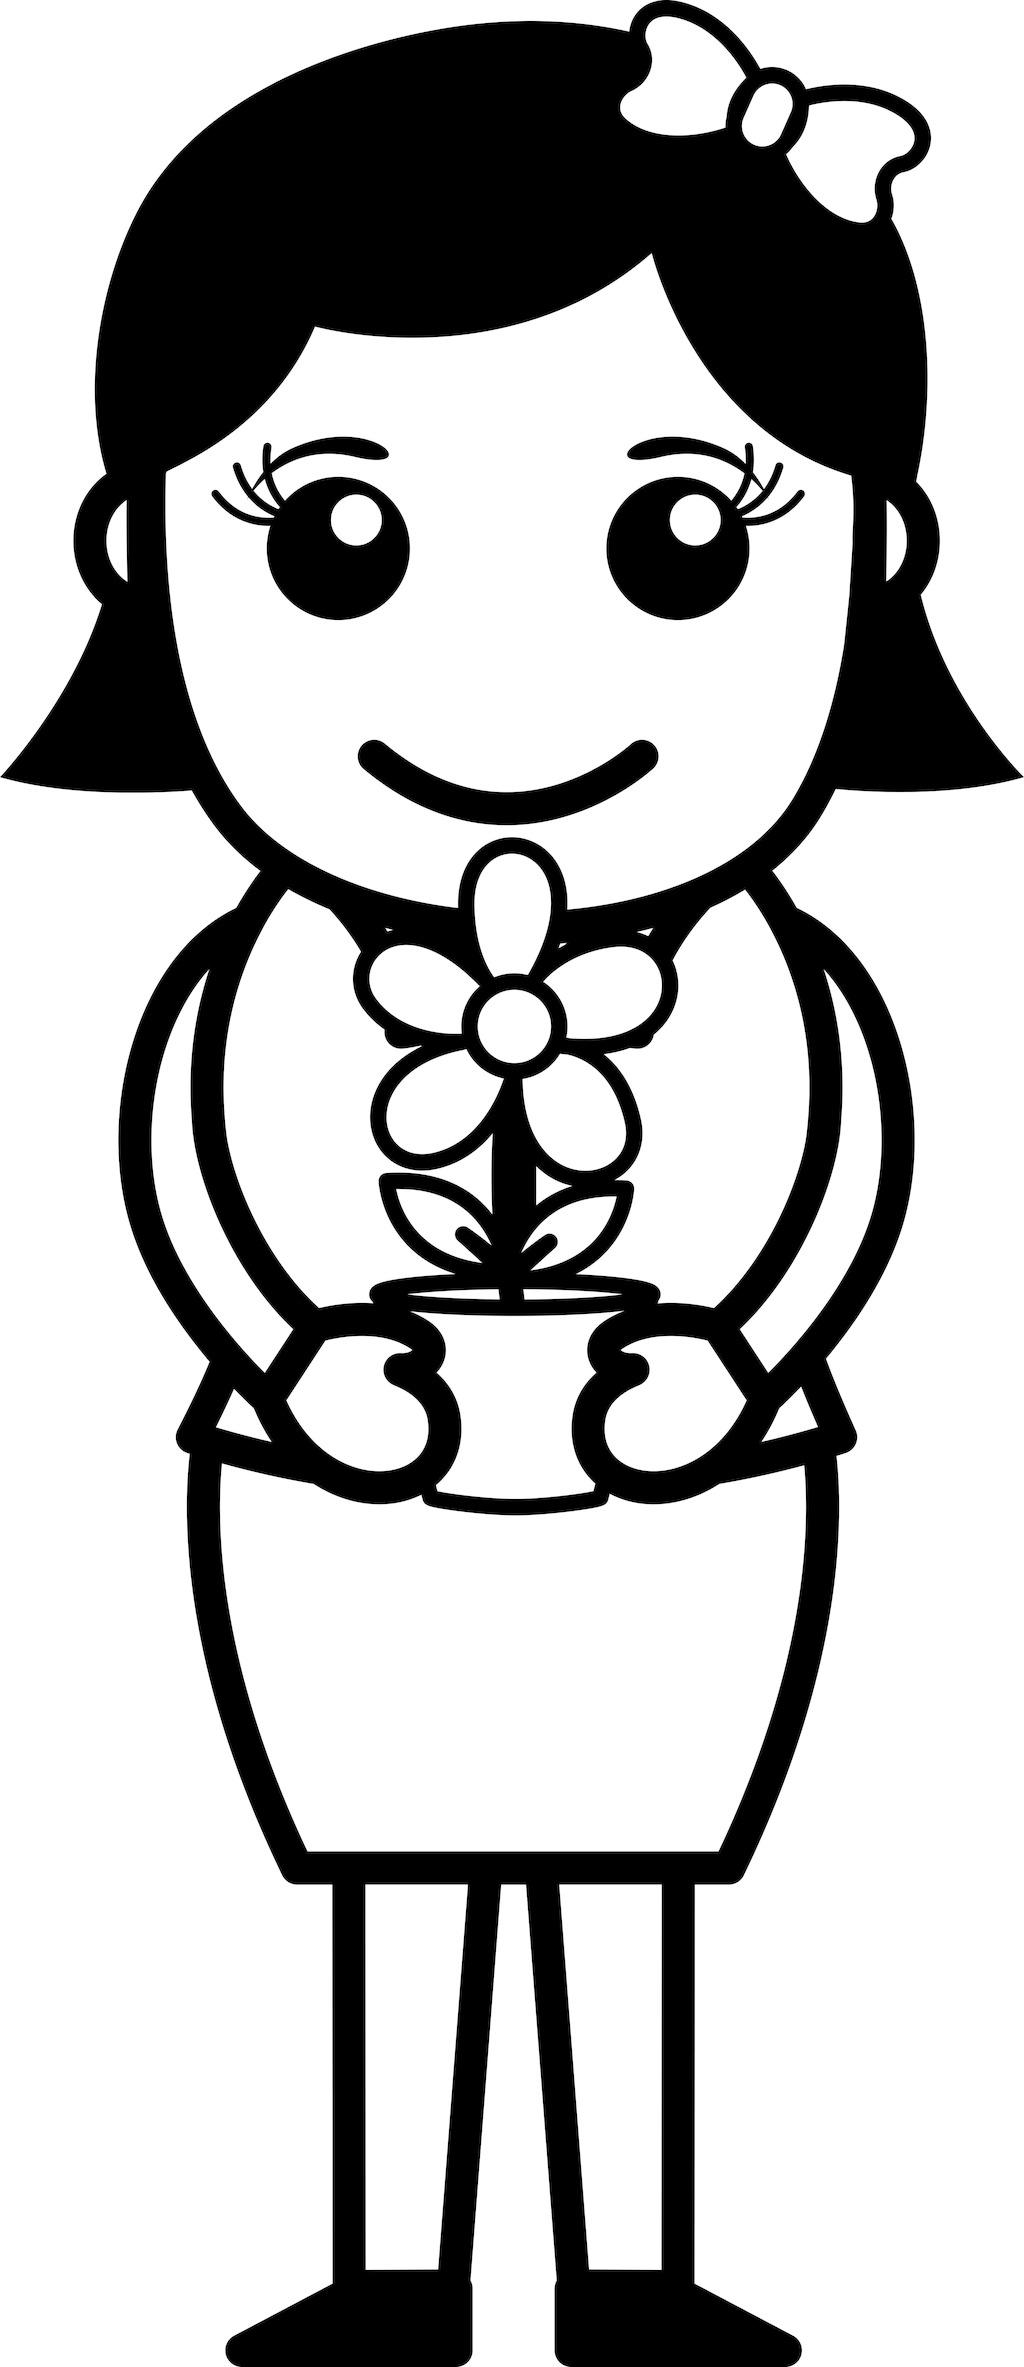 捧着花盆的手-矢量